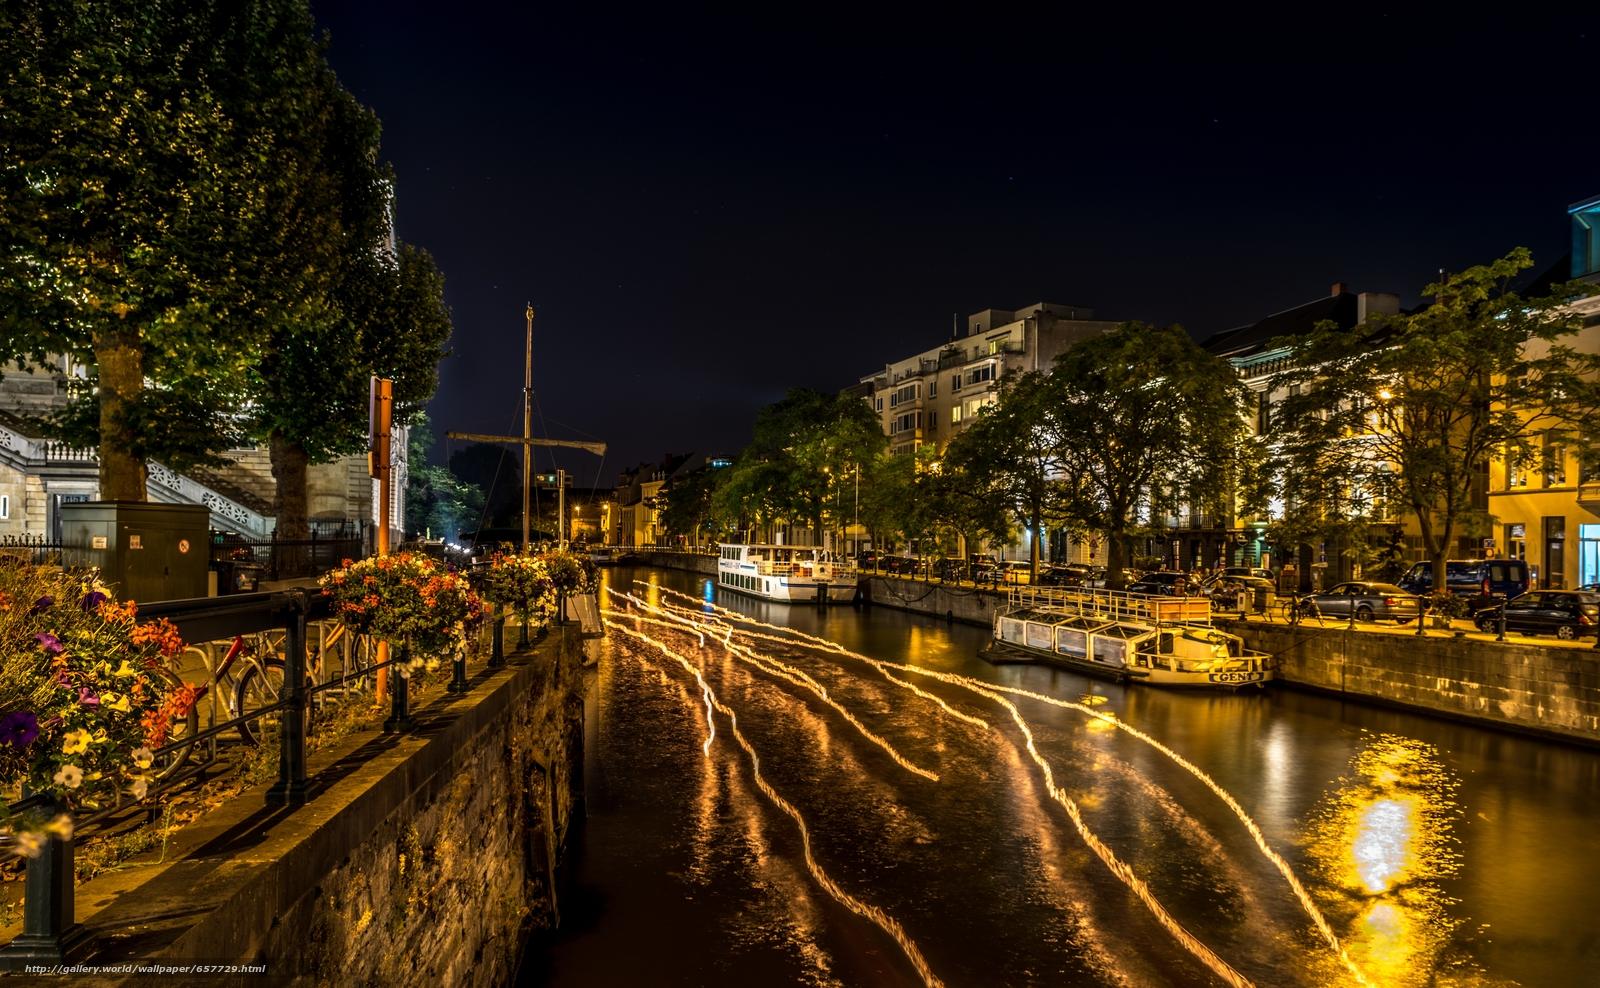 Скачать обои Groningen,  Гронинген,  Нидерланды,  ночь бесплатно для рабочего стола в разрешении 6016x3715 — картинка №657729